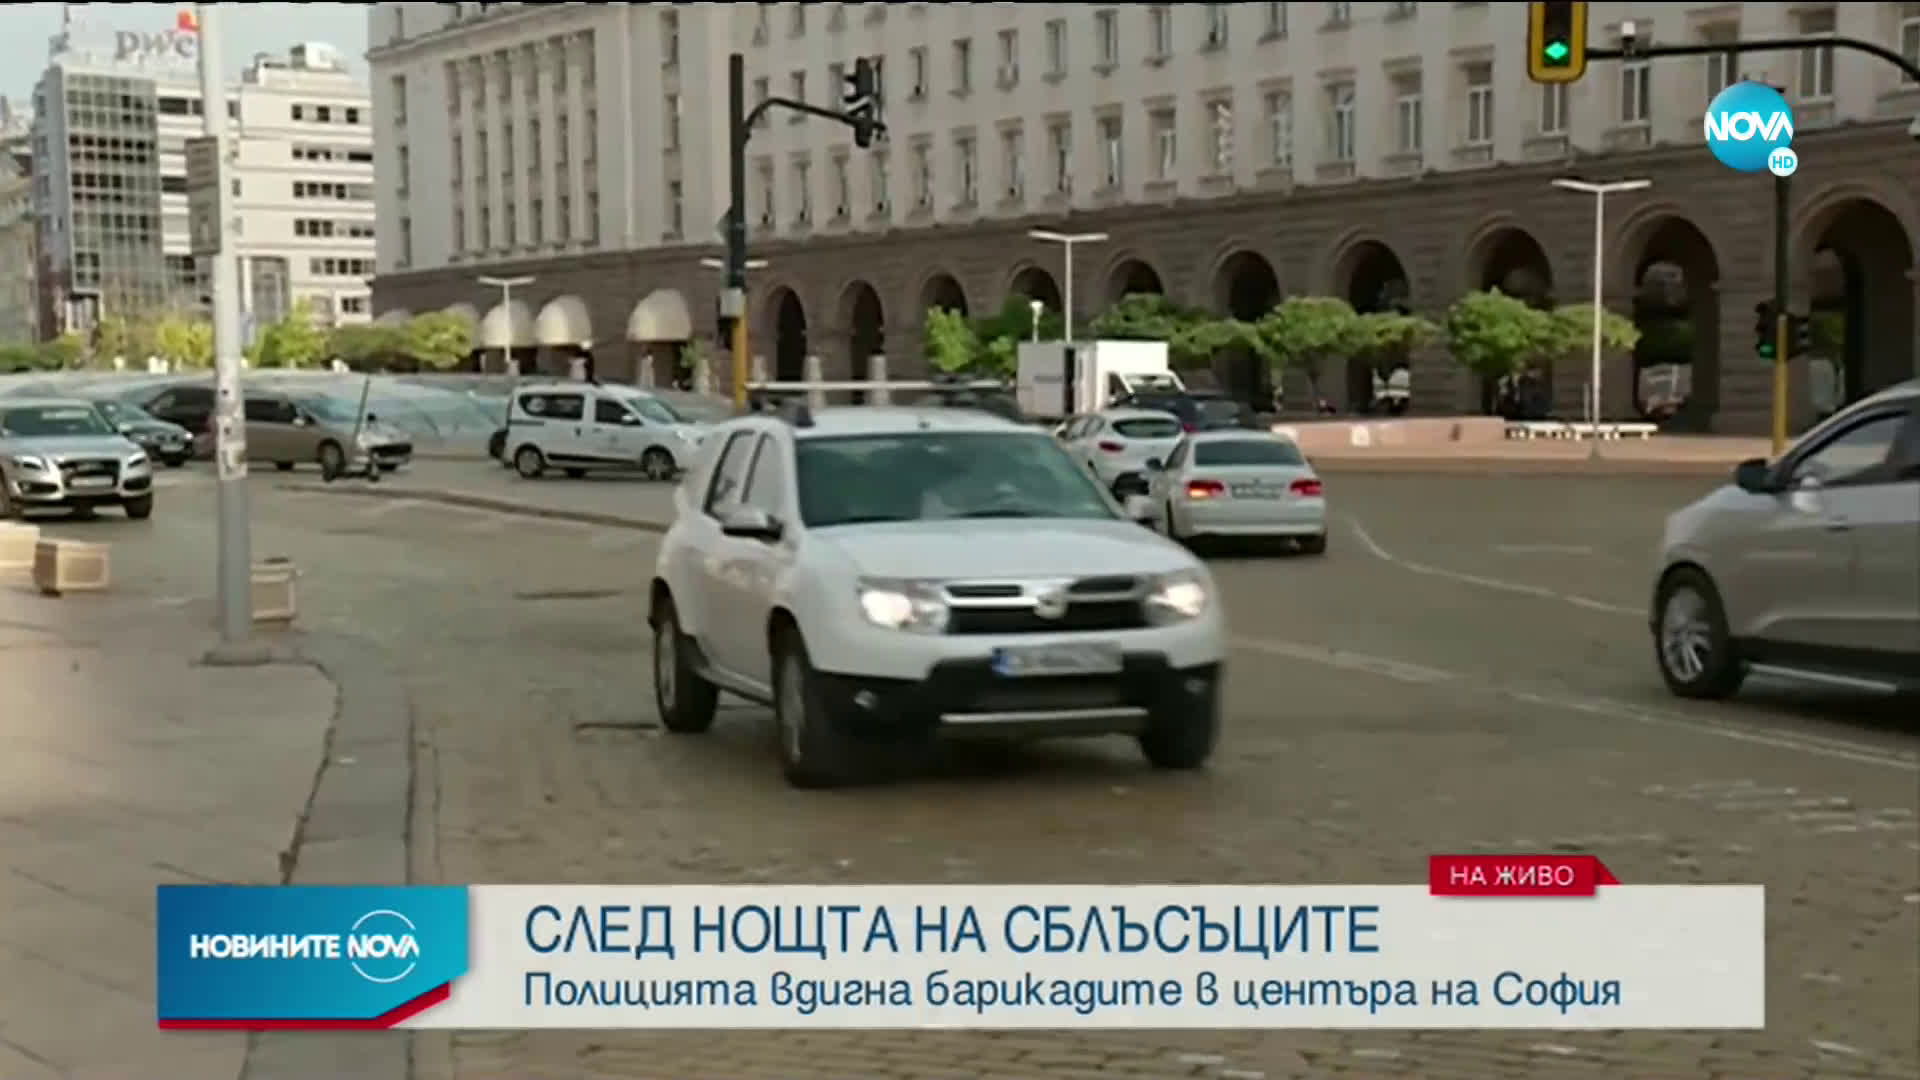 Полицията вдигна барикадите в центъра на София